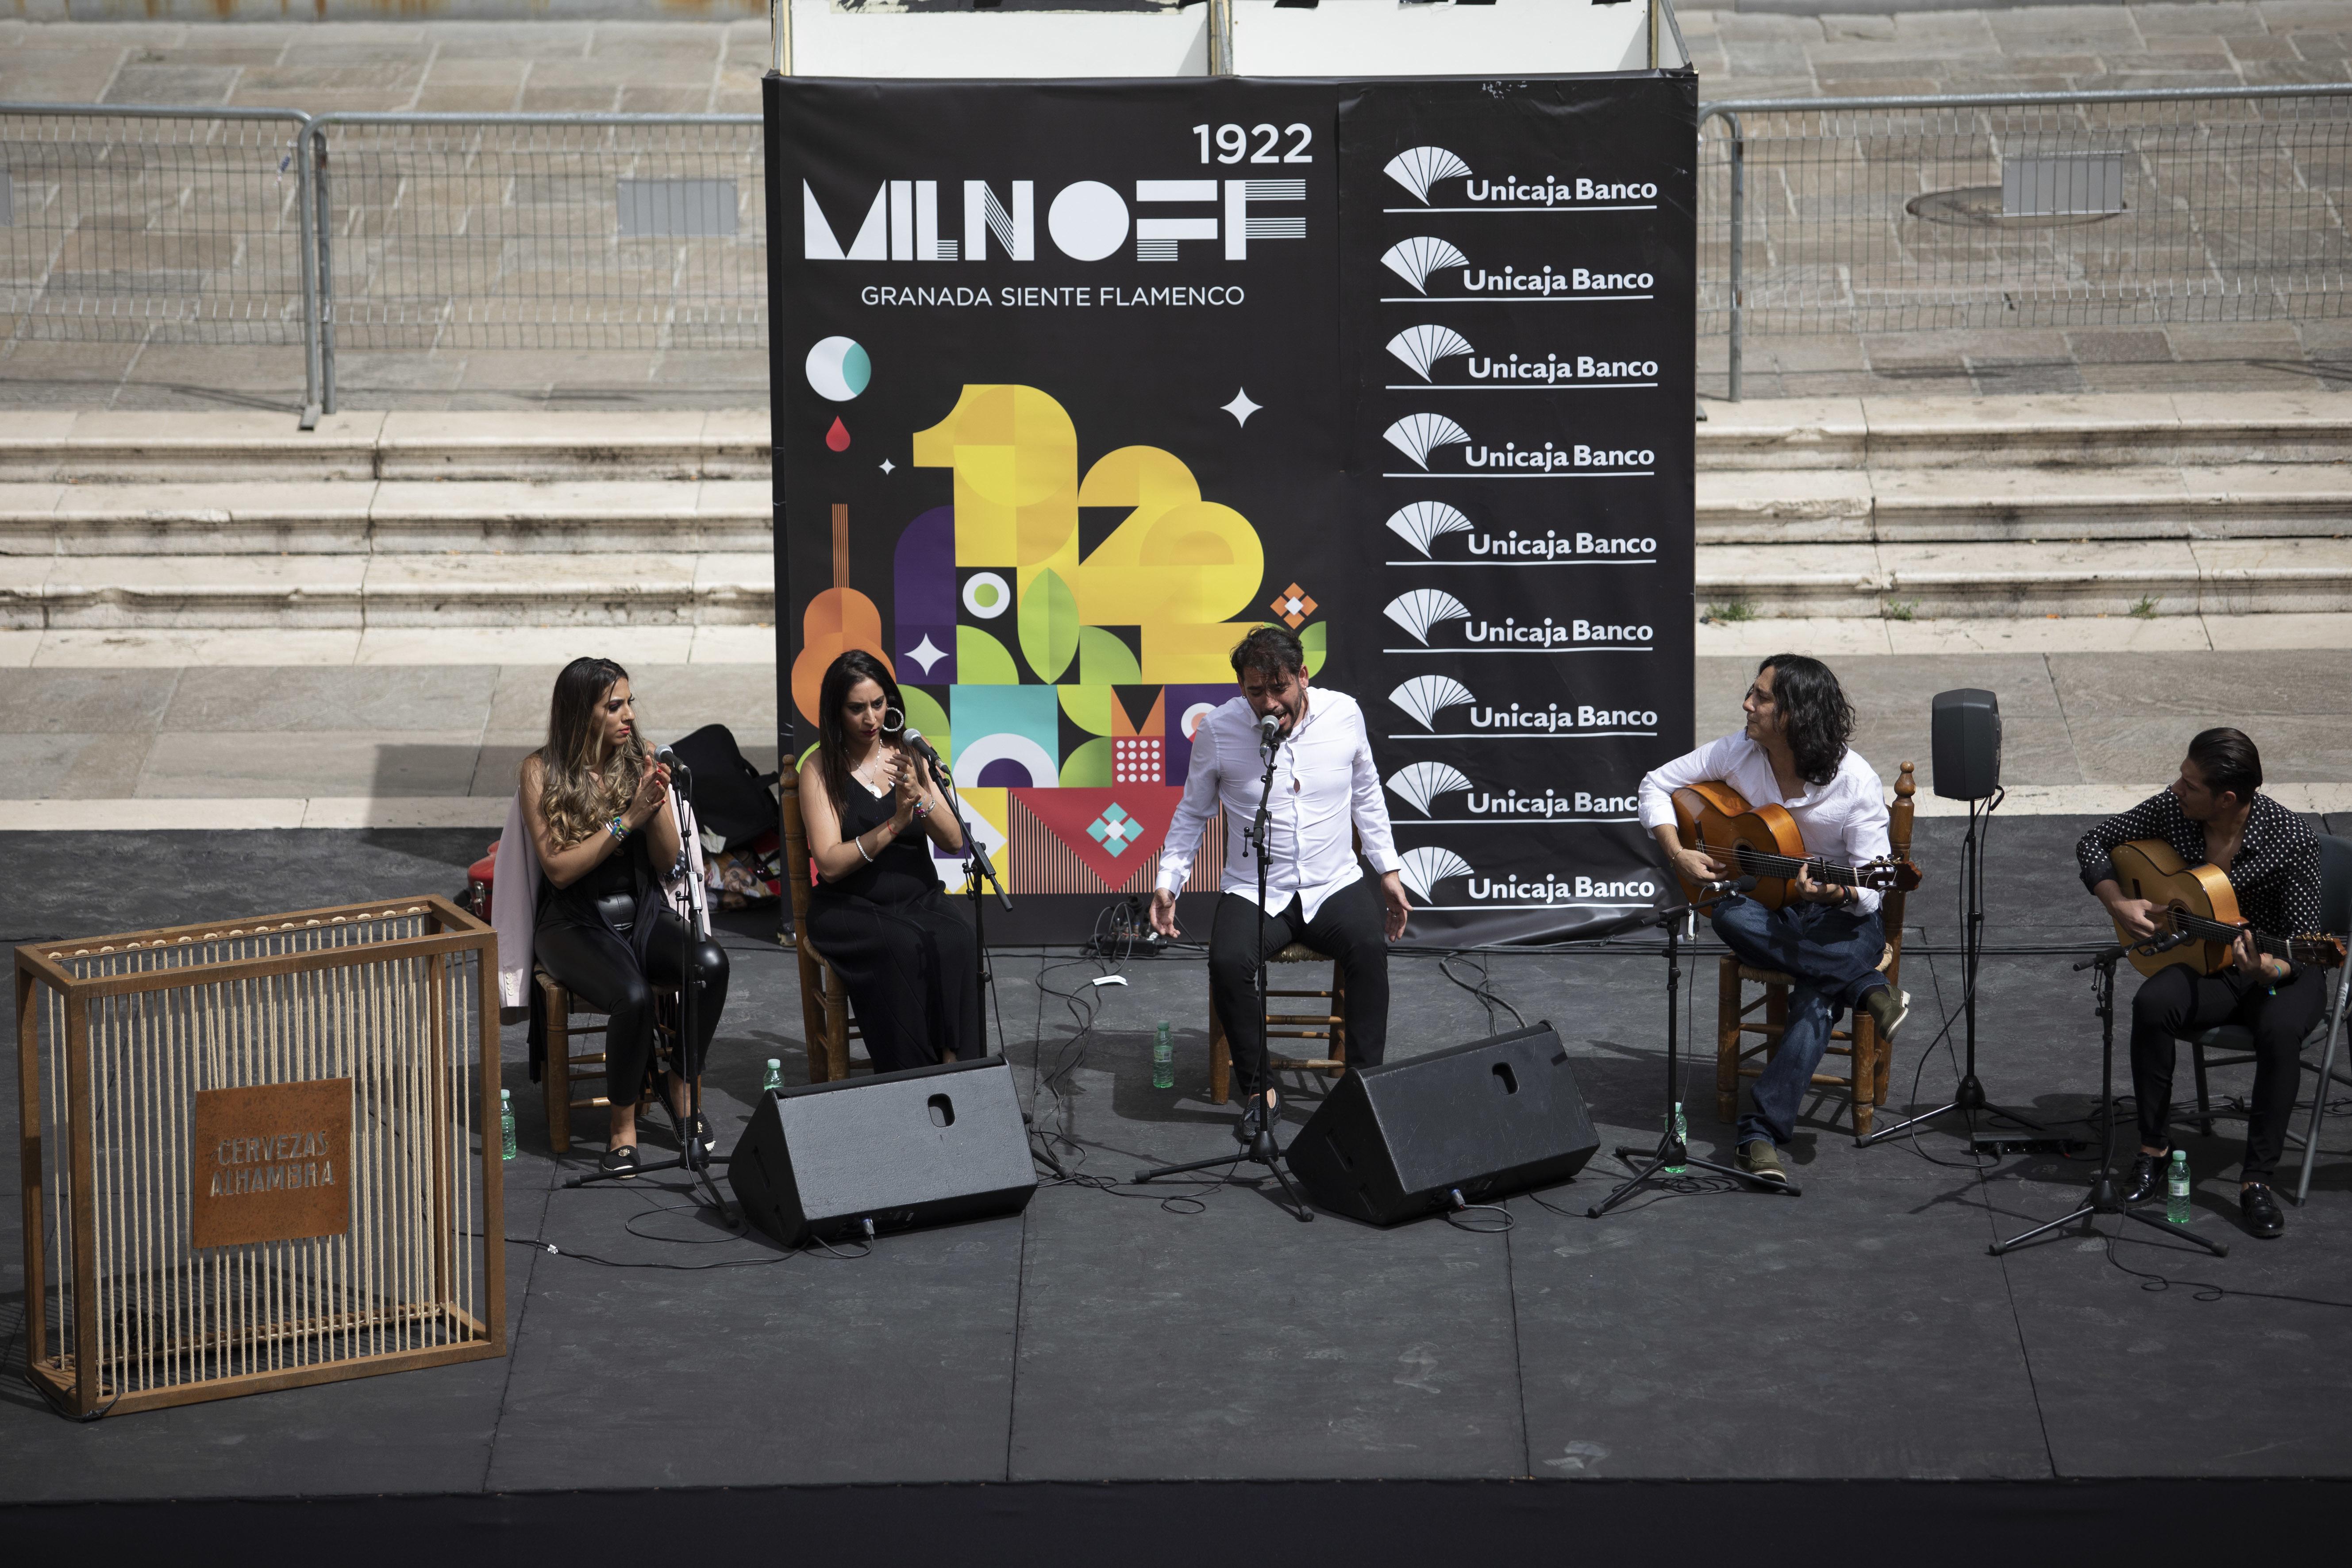 El cante ha sido el protagonista en el último día de Plazoletas del Festival Flamenco Milnoff.